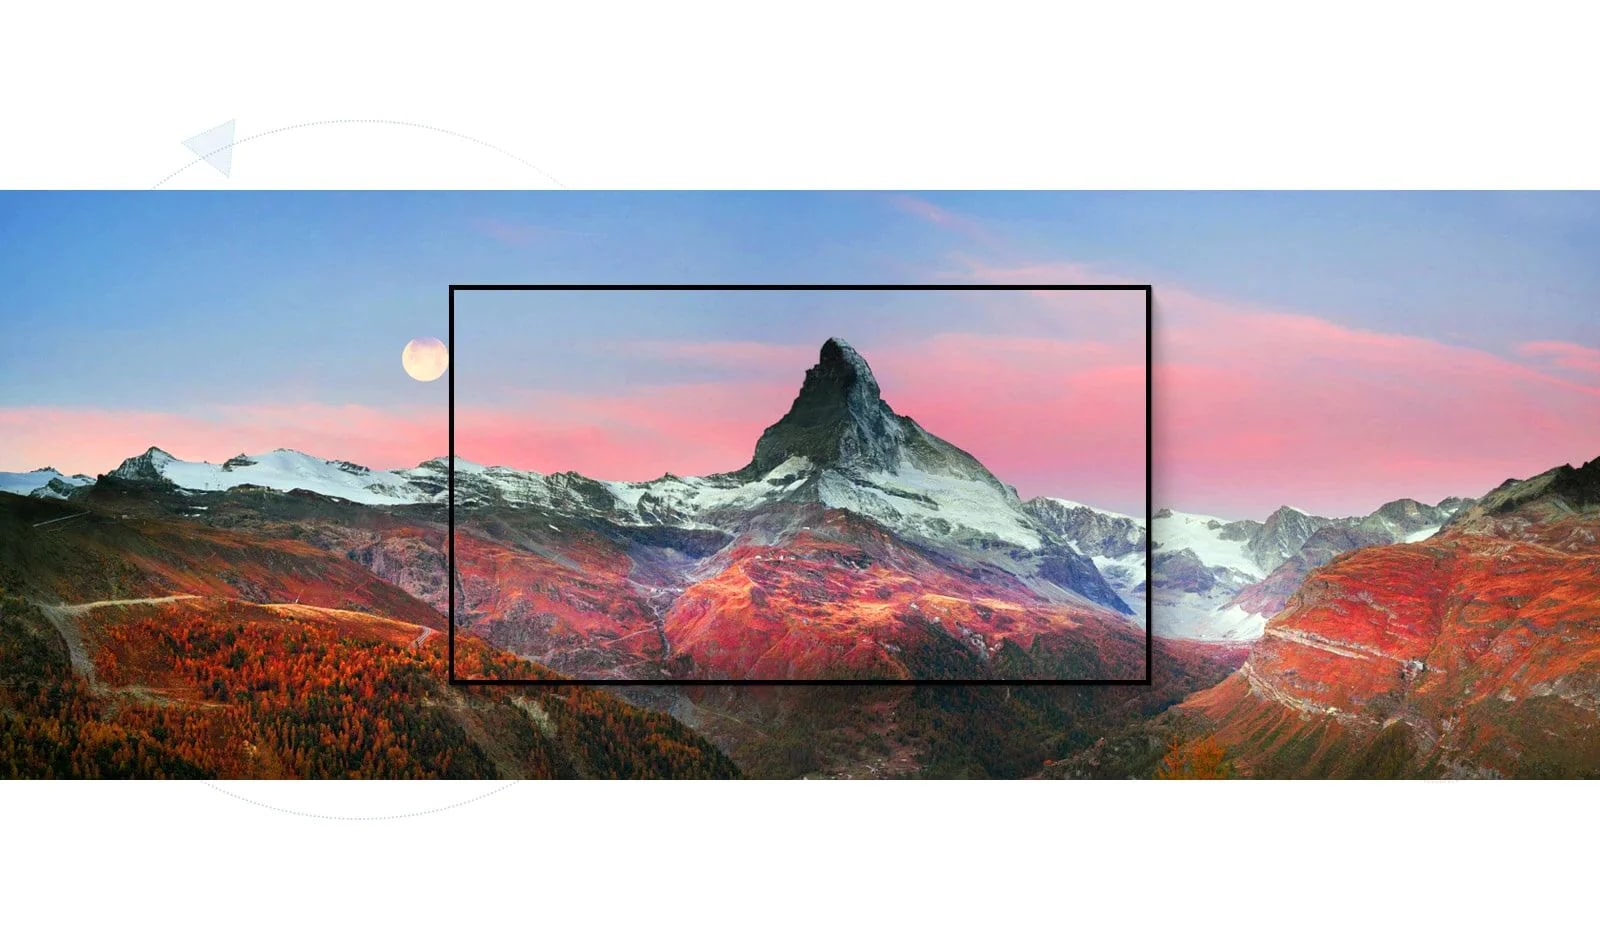 Кадр с великолепным горным пейзажем (просмотр видео)